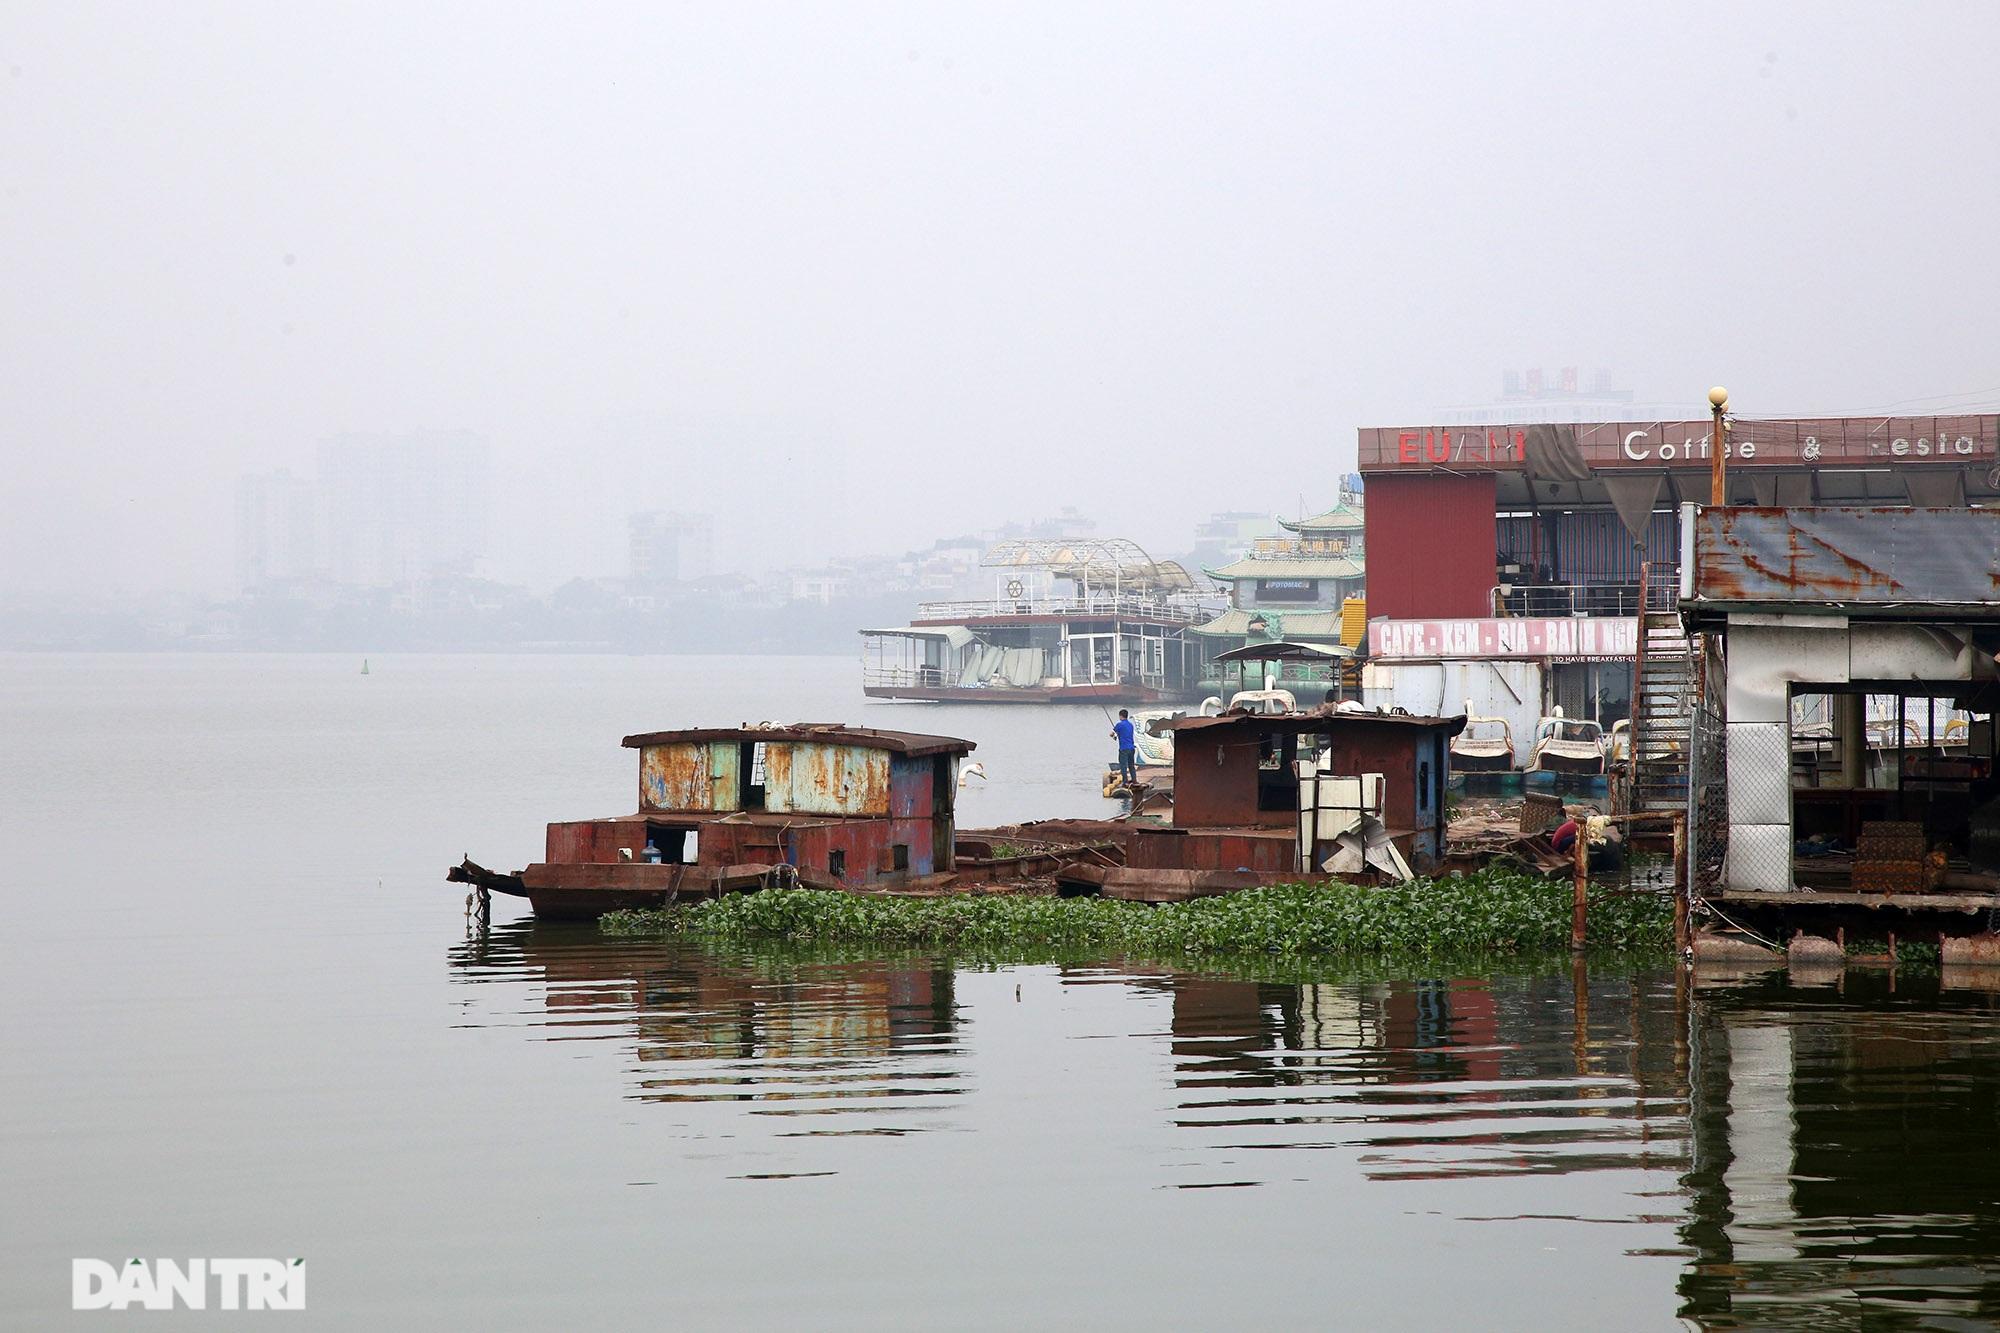 Xác tàu hoen gỉ nổi trên hồ Tây suốt 4 năm qua không được tháo dỡ - 11